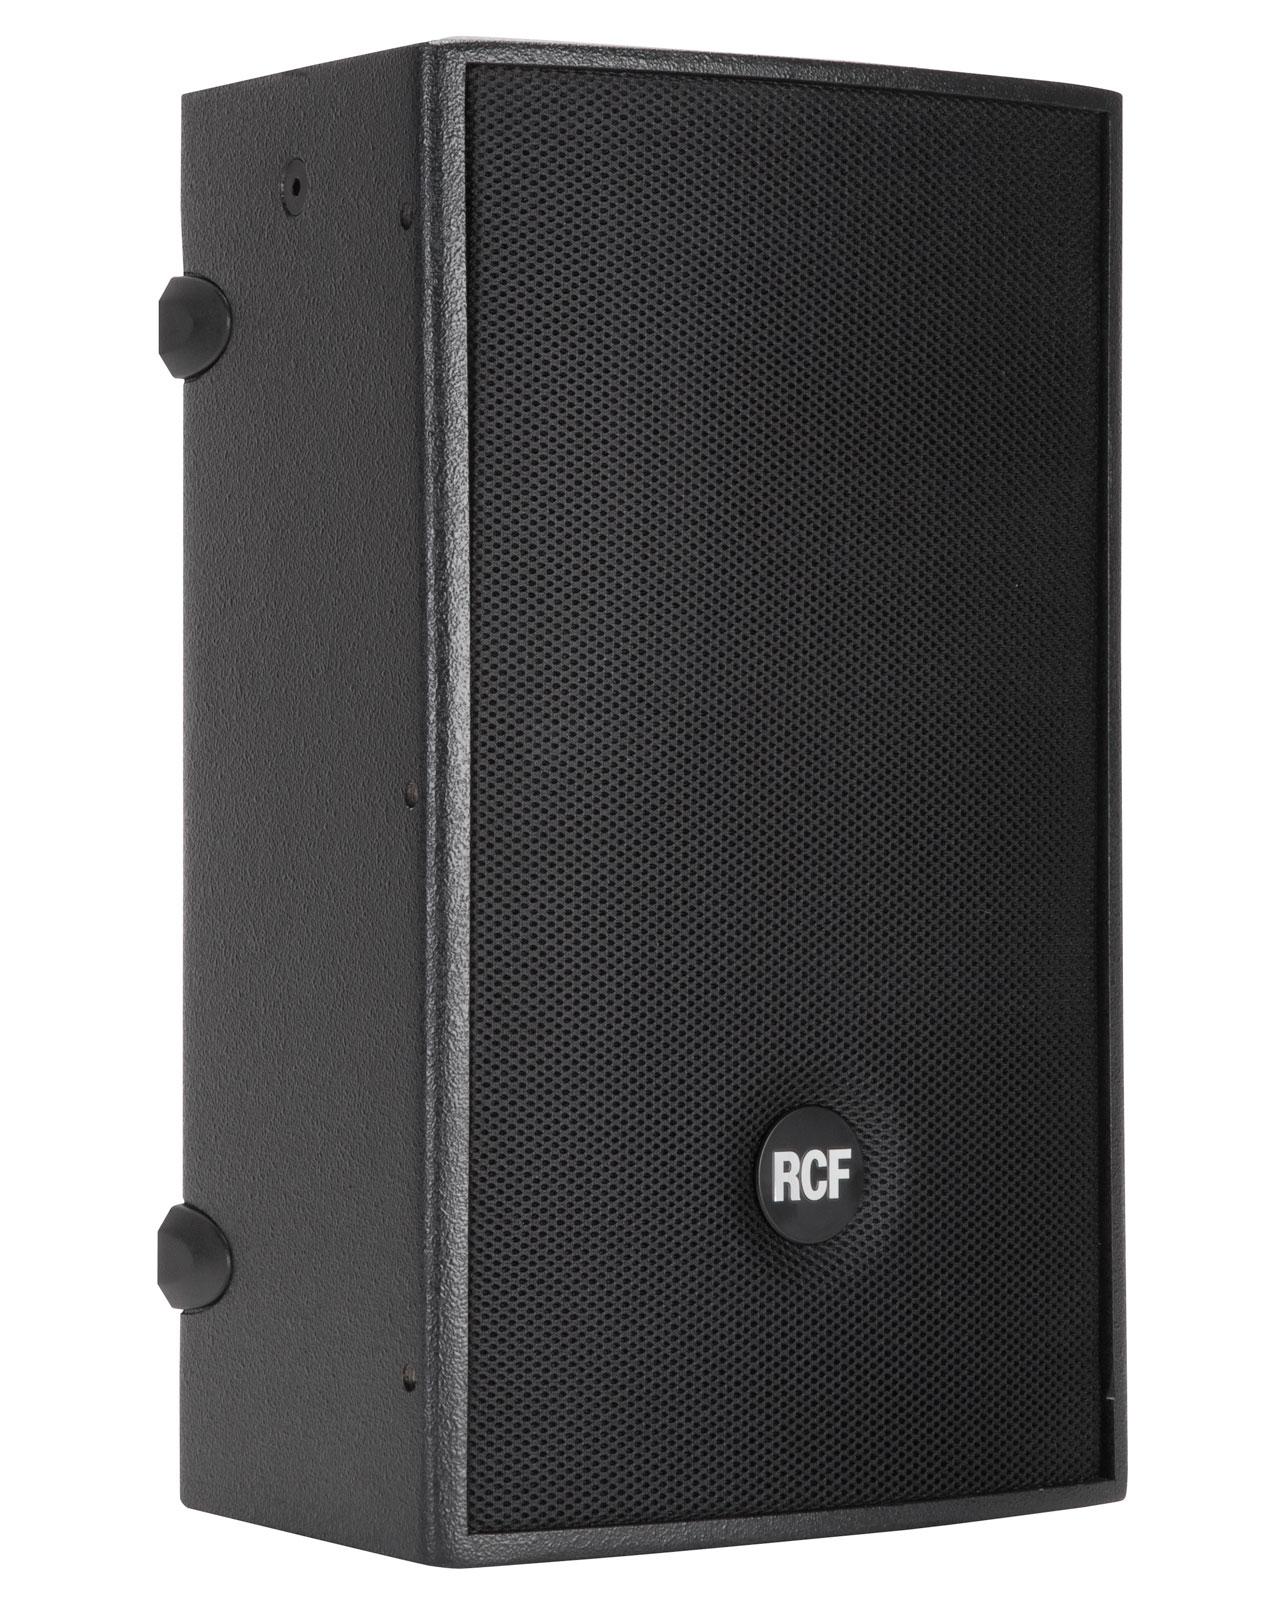 Billede af RCF 4PRO 1031-A Aktiv højttaler